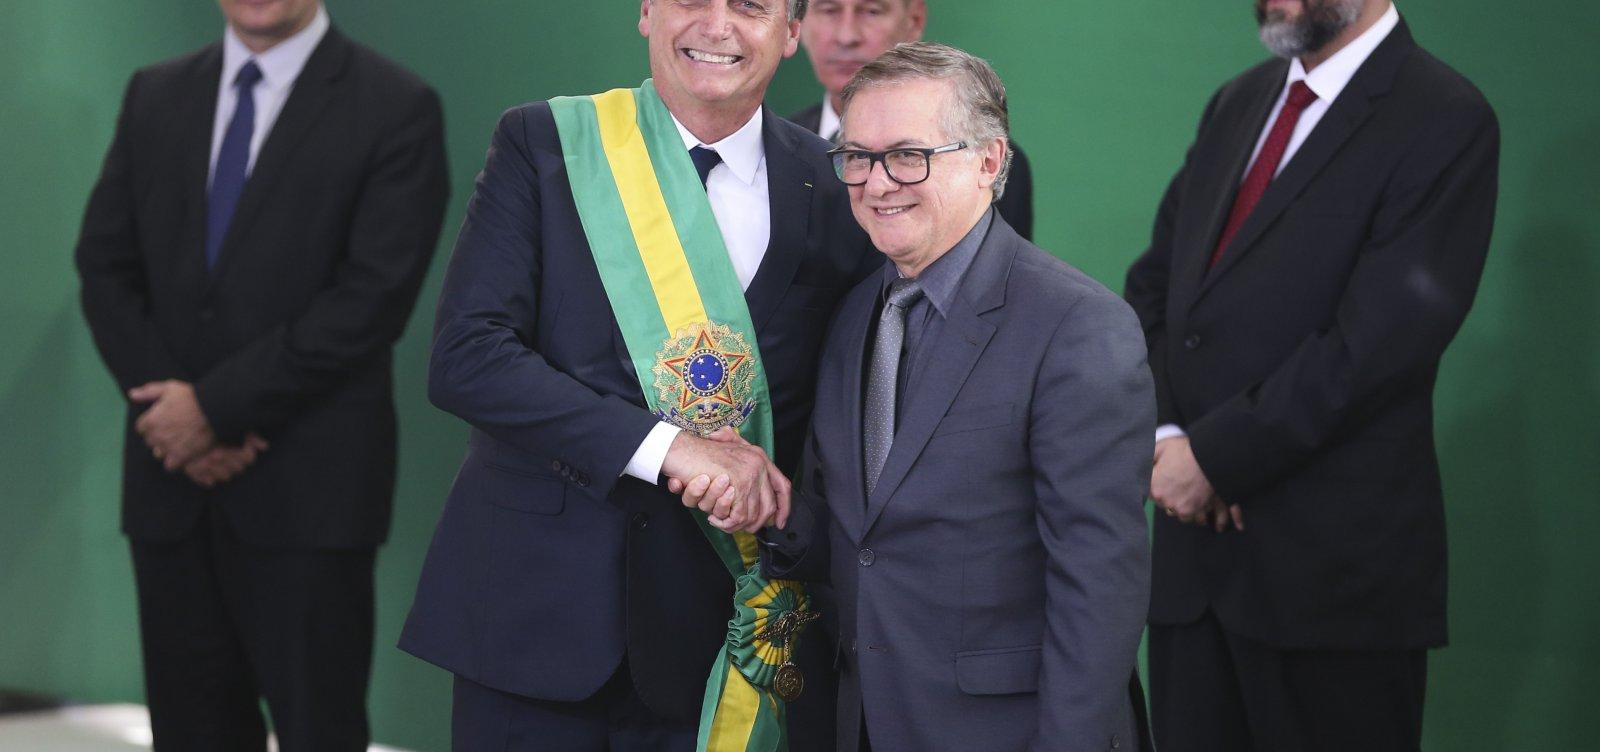 [Governo gostaria que Vélez pedisse demissão do Ministério da Educação]